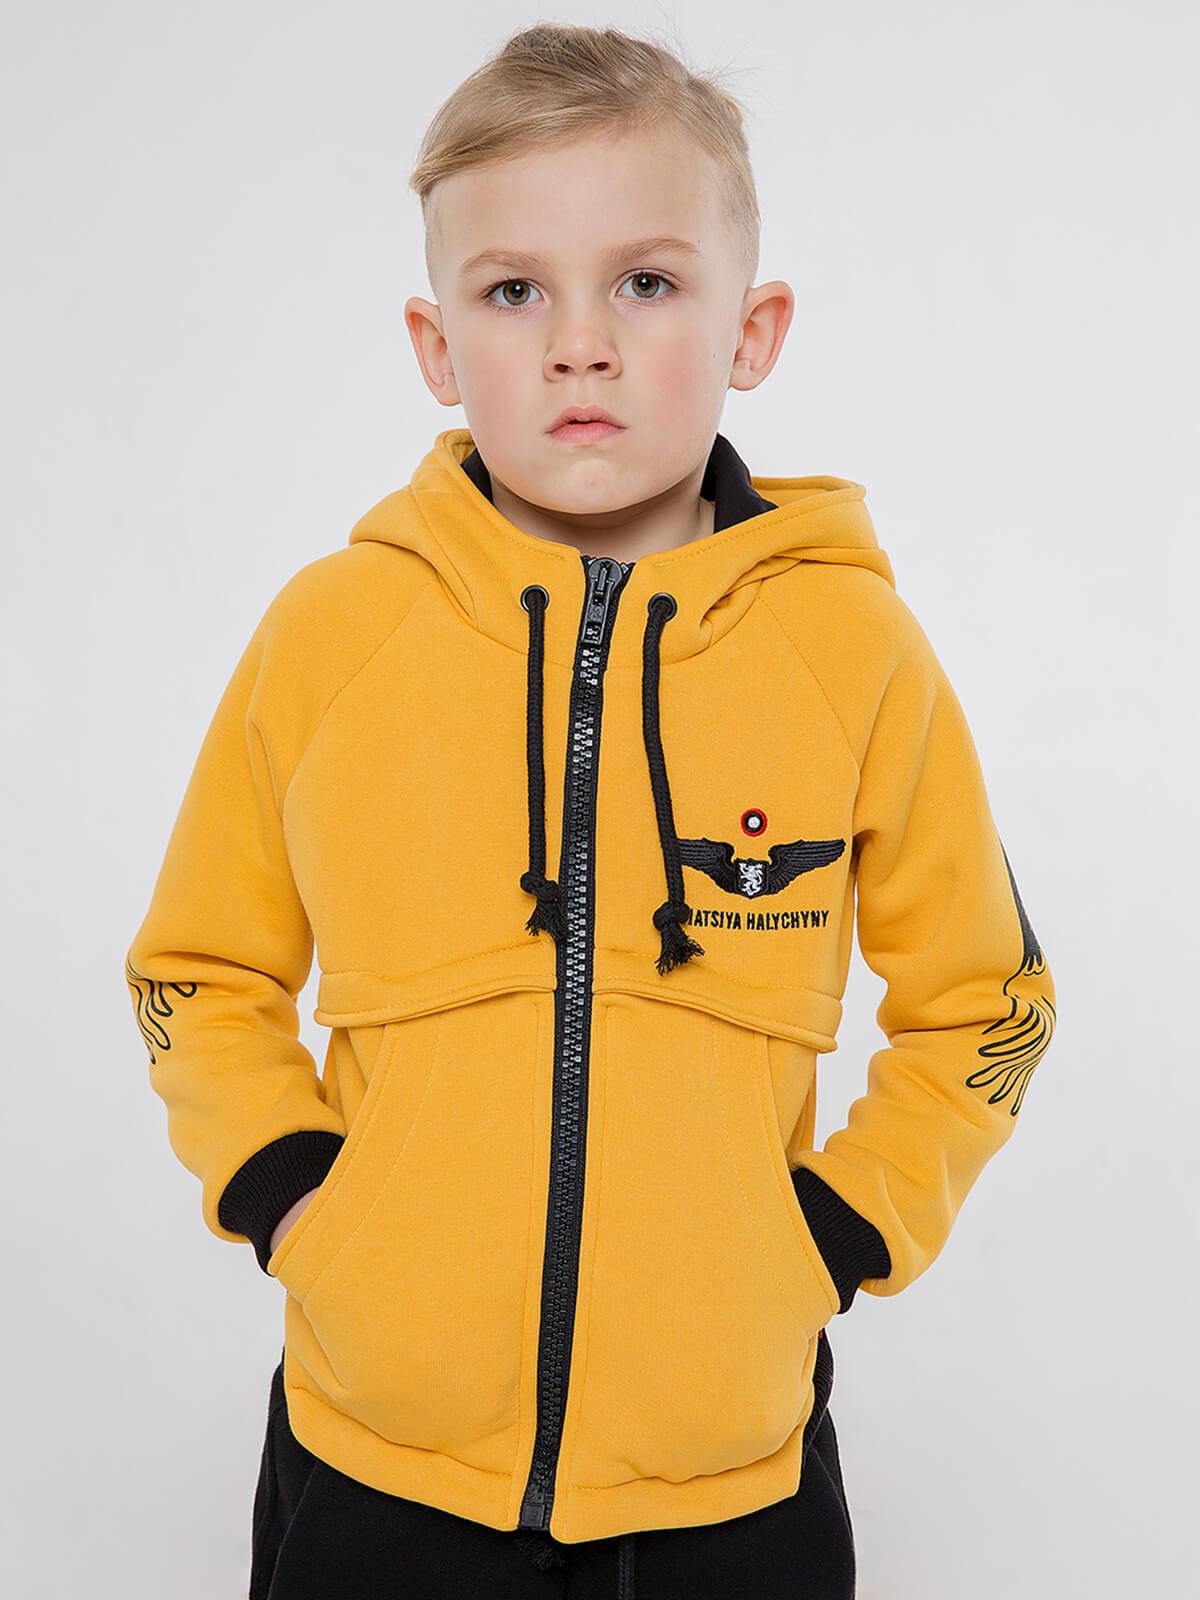 Дитяче Худі Бузько. Колір жовтий. Худі: унісекс, добре пасує і хлопчикам, і дівчаткам Матеріал худі – тринитка: 77% бавовна, 23% поліефір.